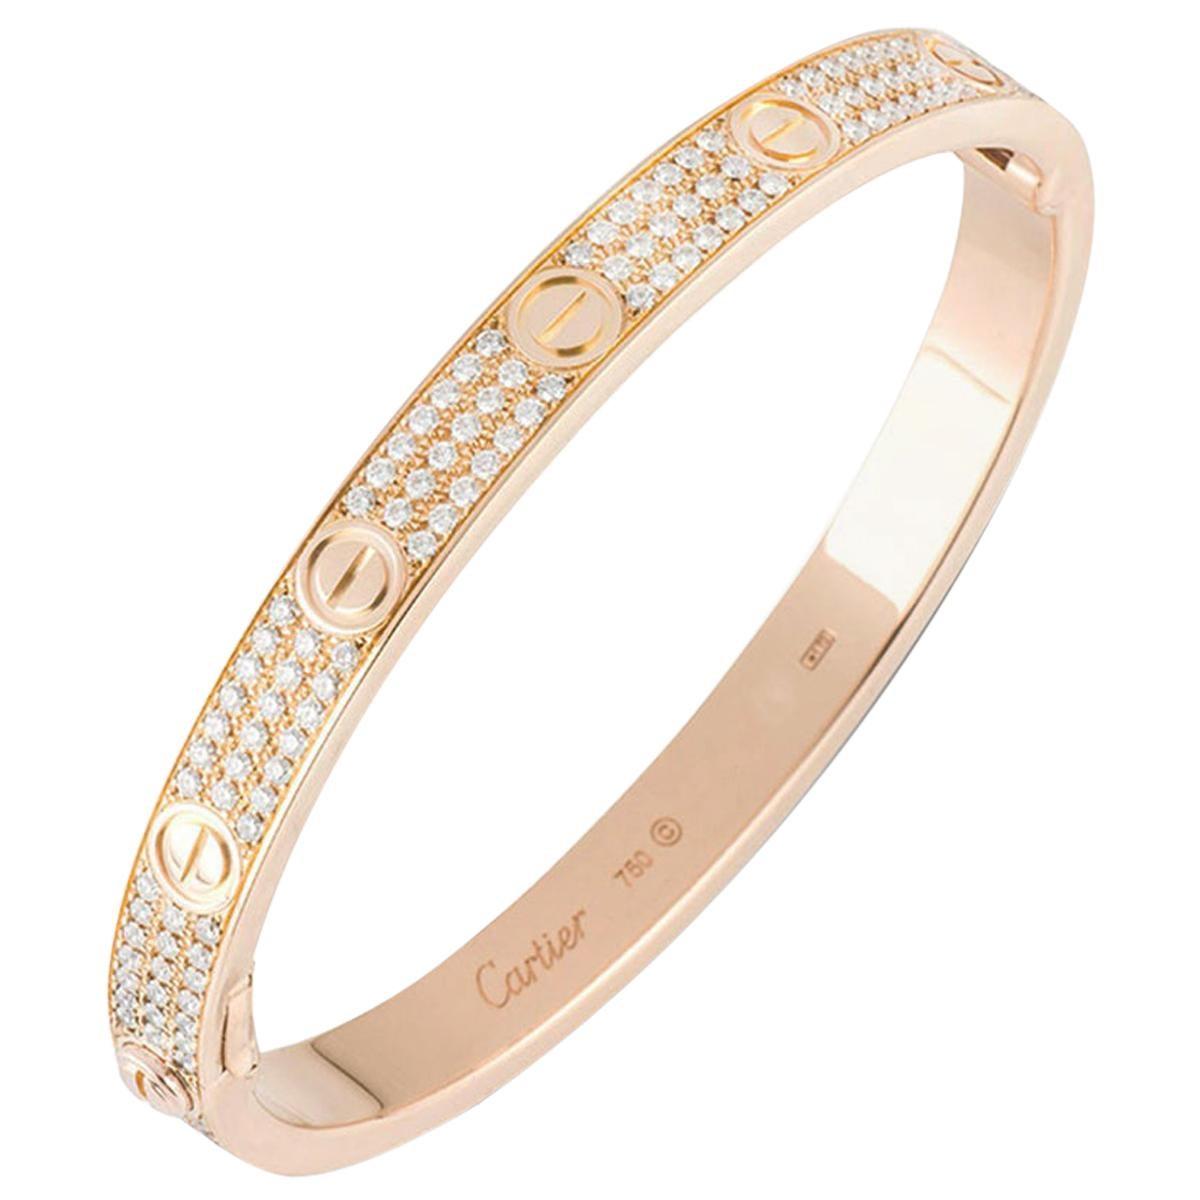 Cartier Rose Gold Full Pave Diamond Love Bracelet N6036918